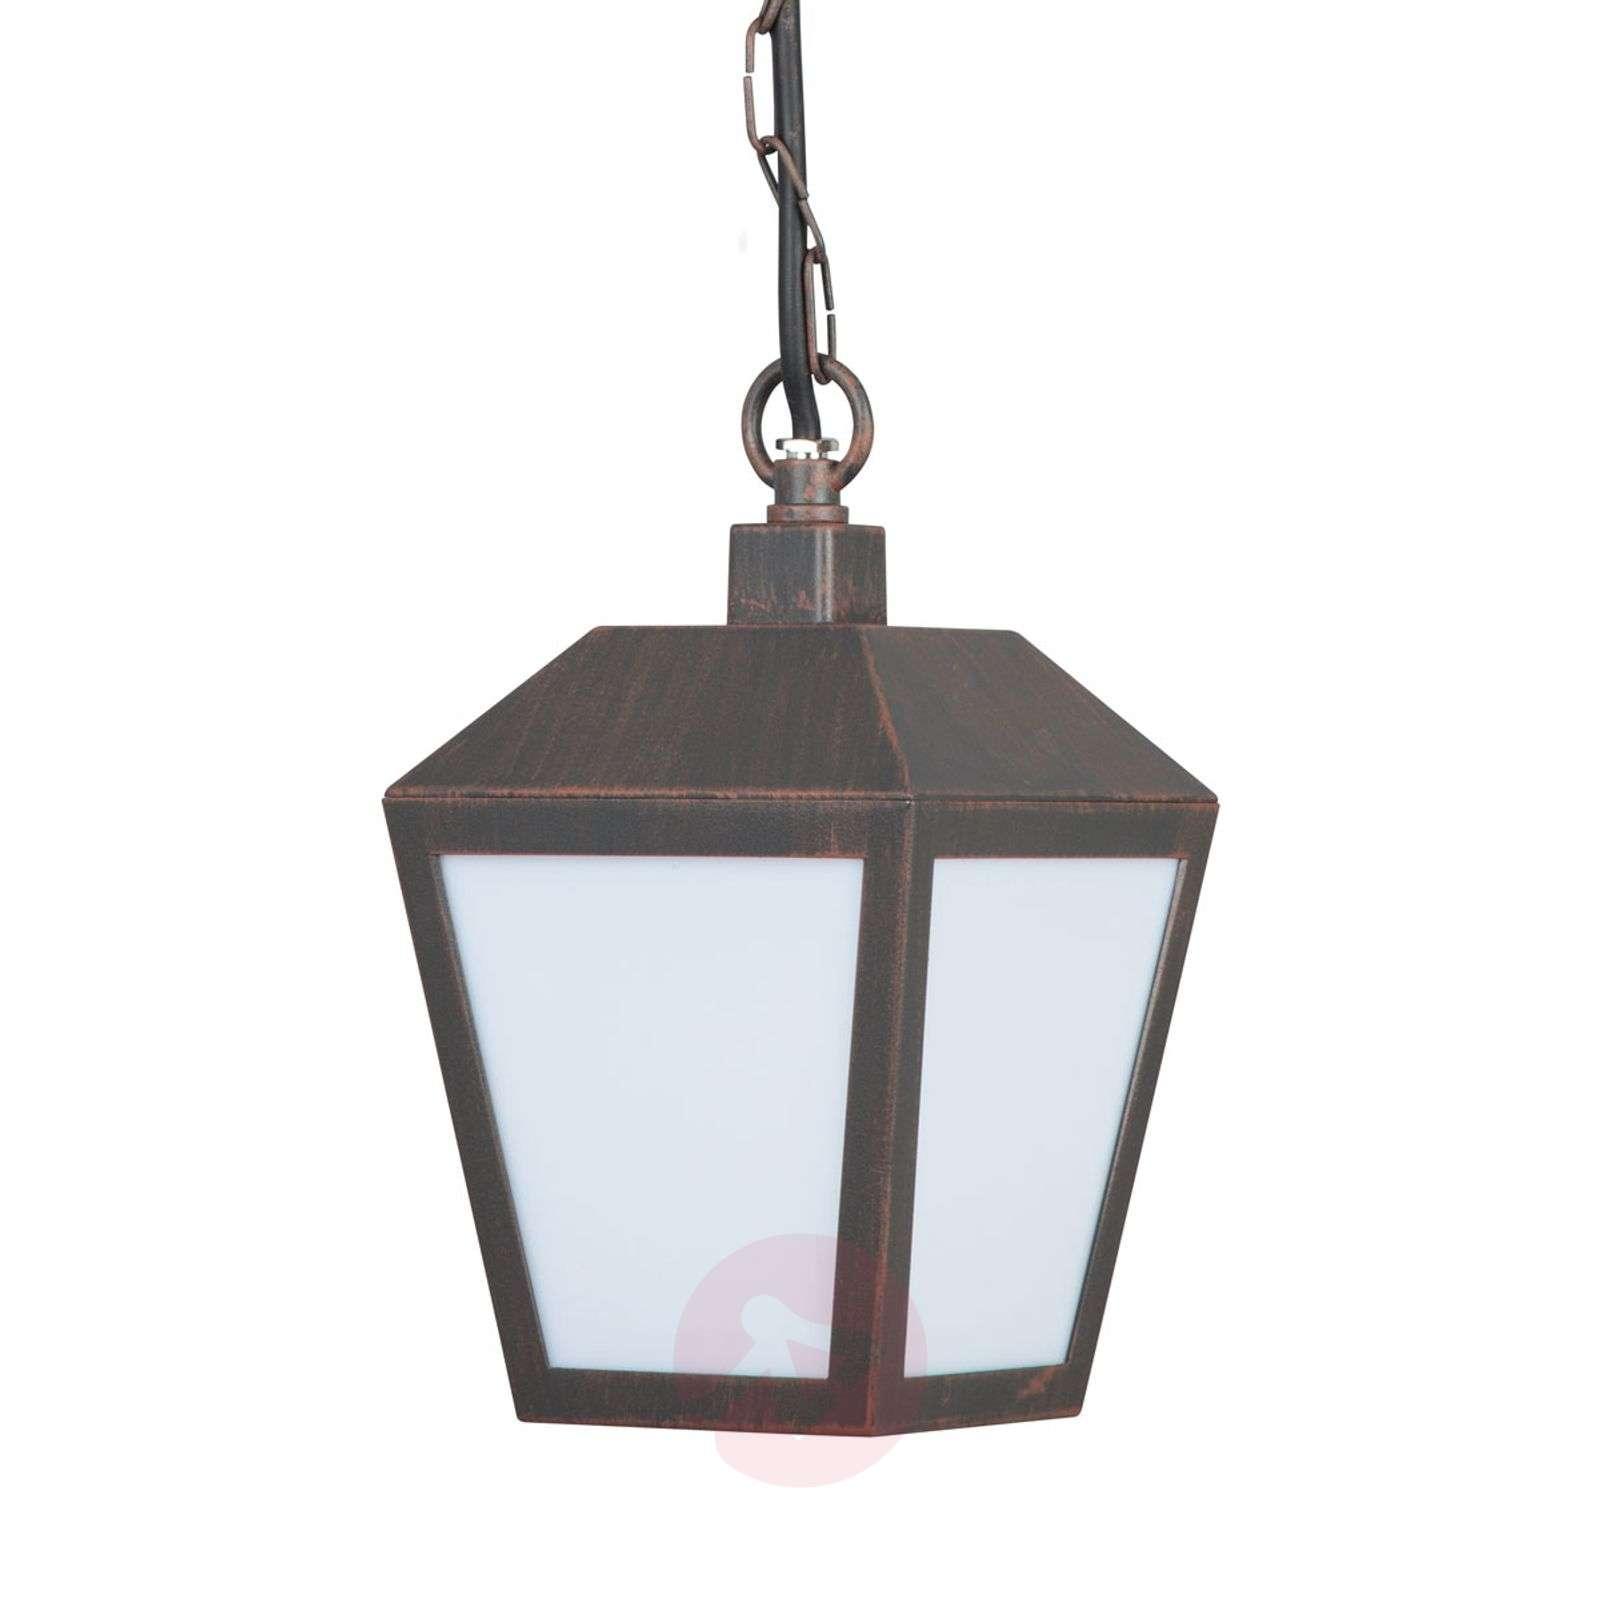 LED-riippuvalaisin Bendix ulkokäyttöön-9945302-02